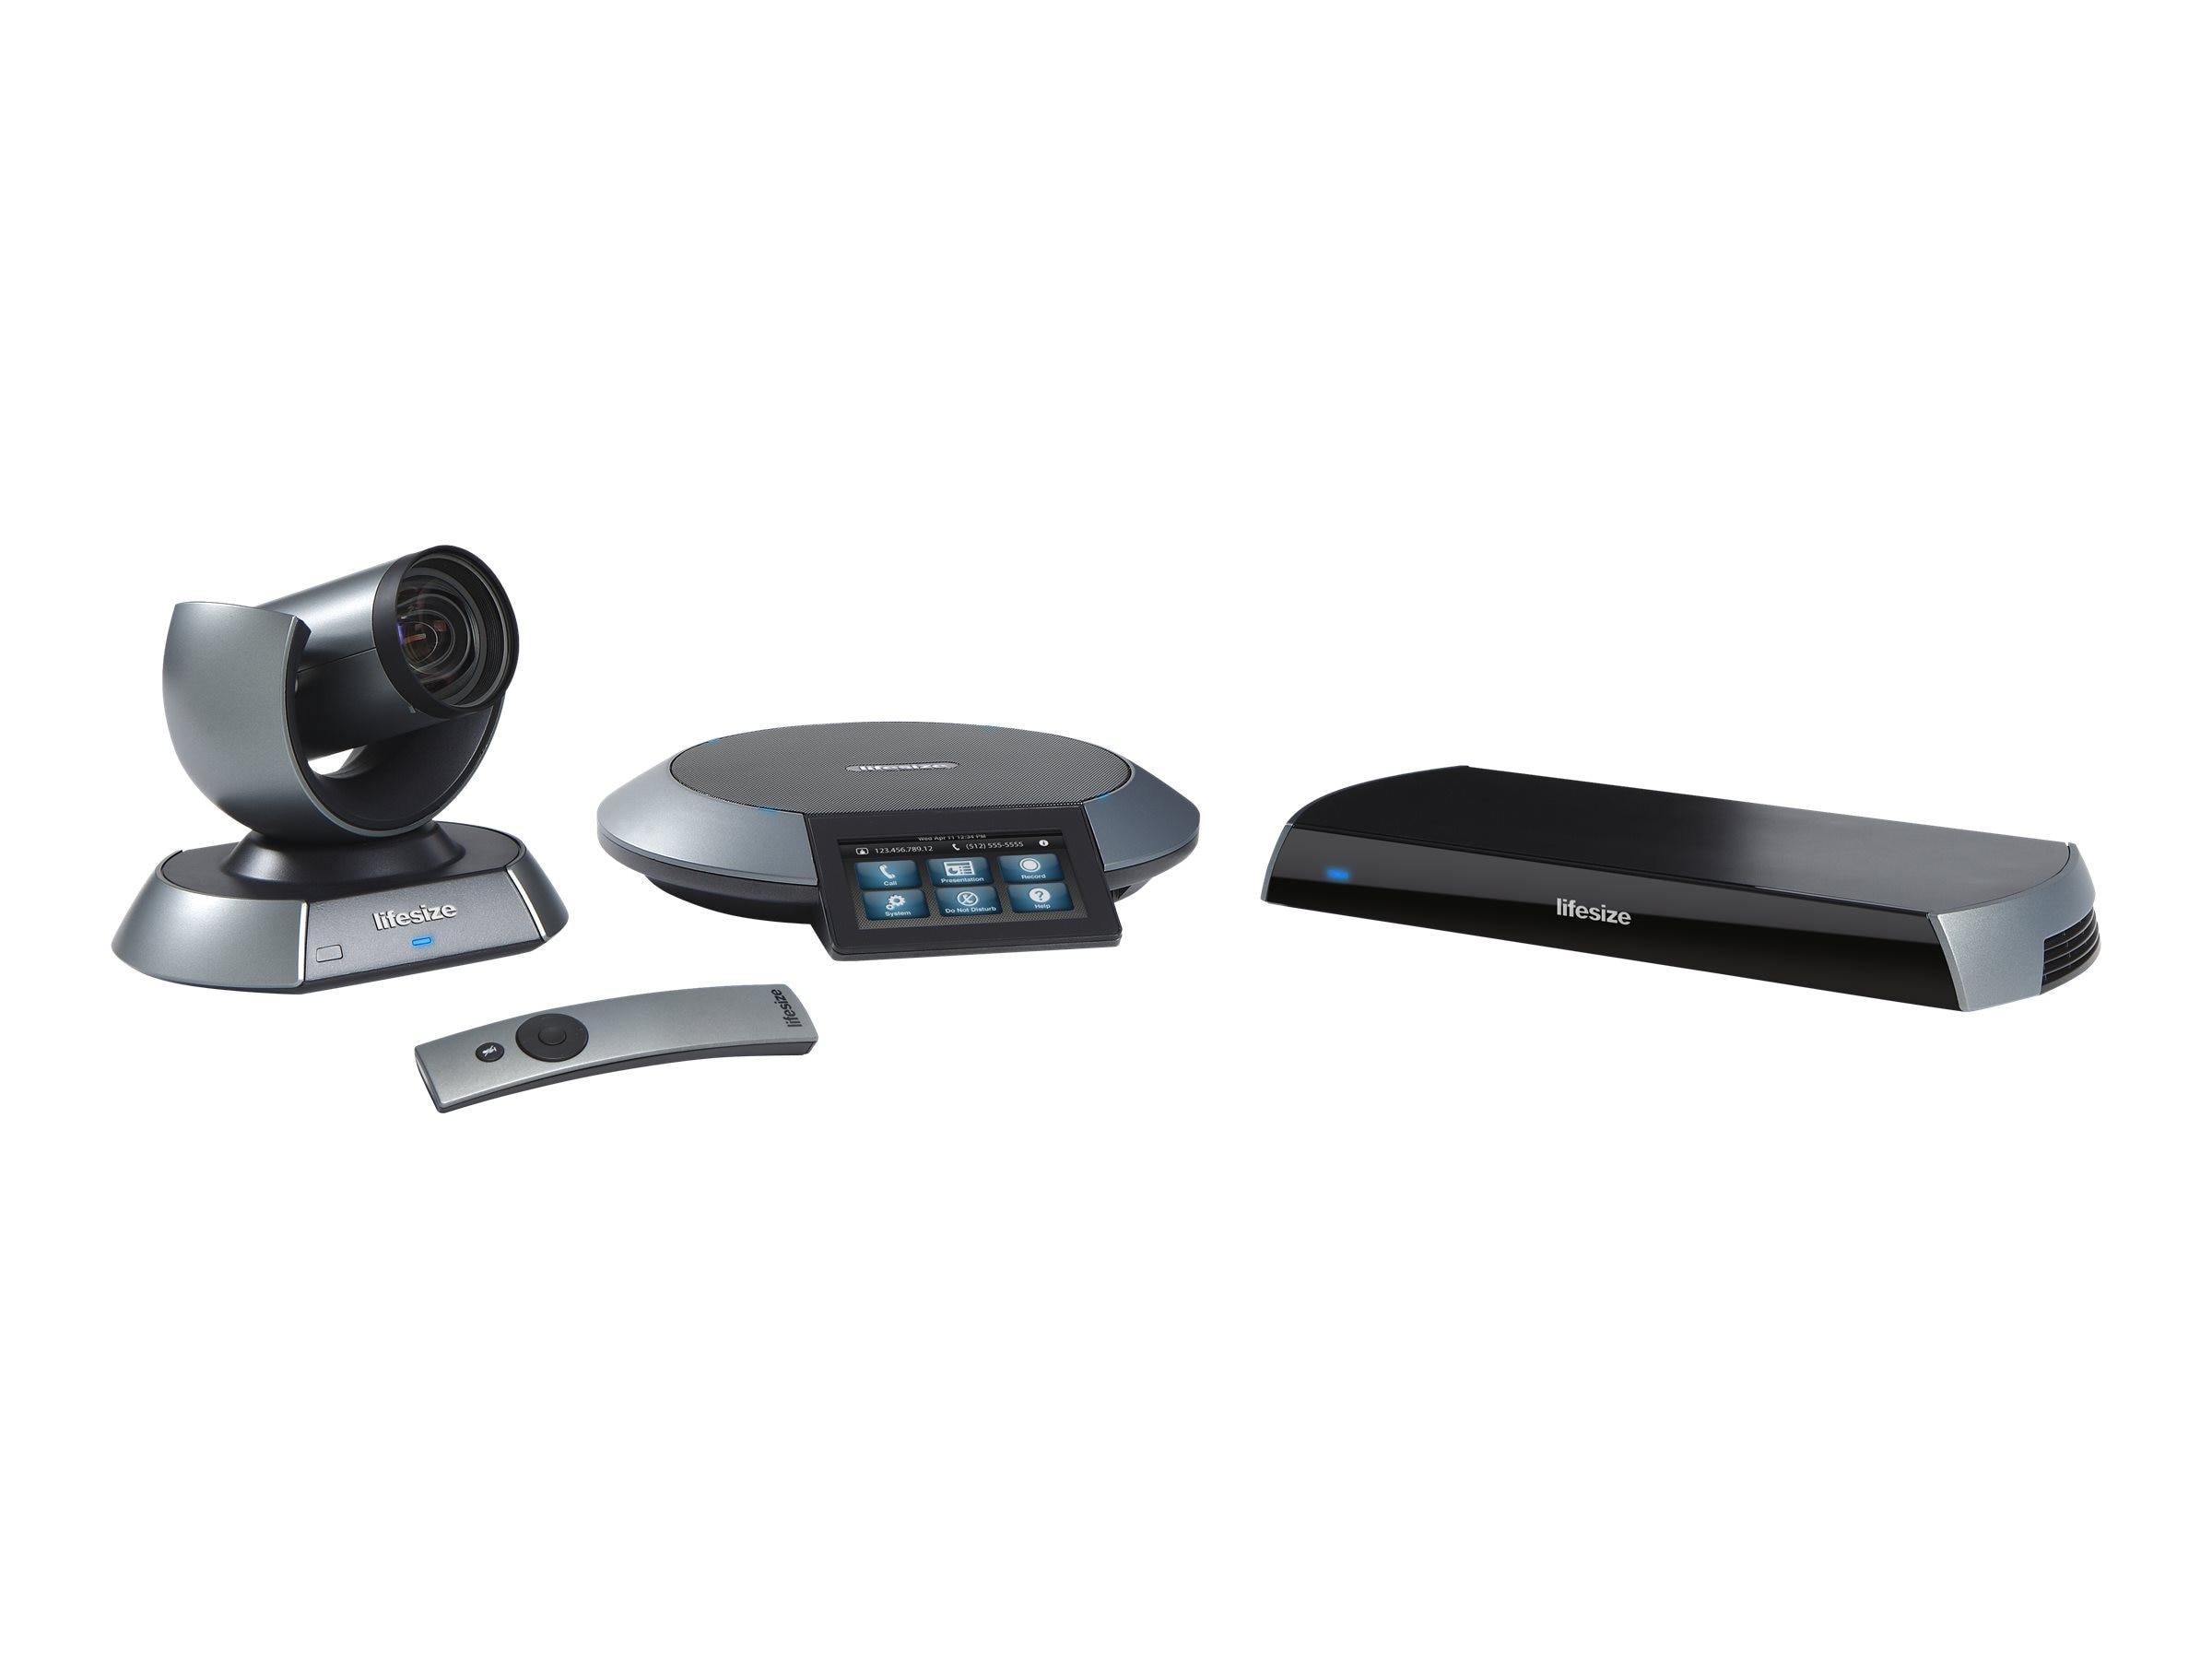 Lifesize Icon 600 & PTZ Camera - 10x Optical Zoom, 1000-0000-1168, 16394260, Audio/Video Conference Hardware